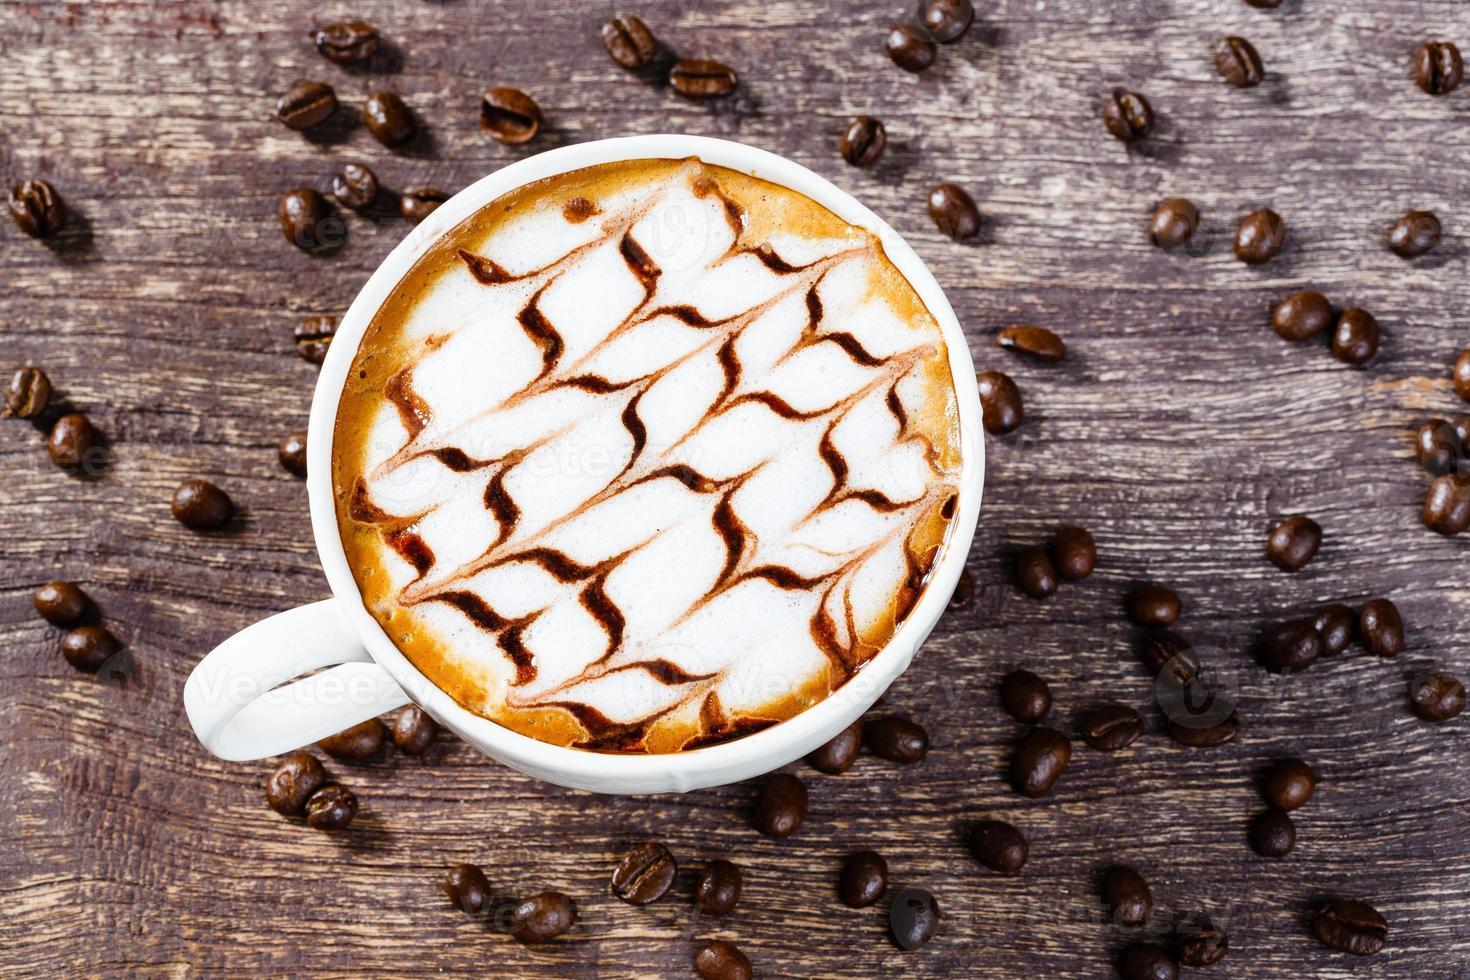 tazza di caffè e fagioli arrostiti sul vecchio tavolo in legno foto